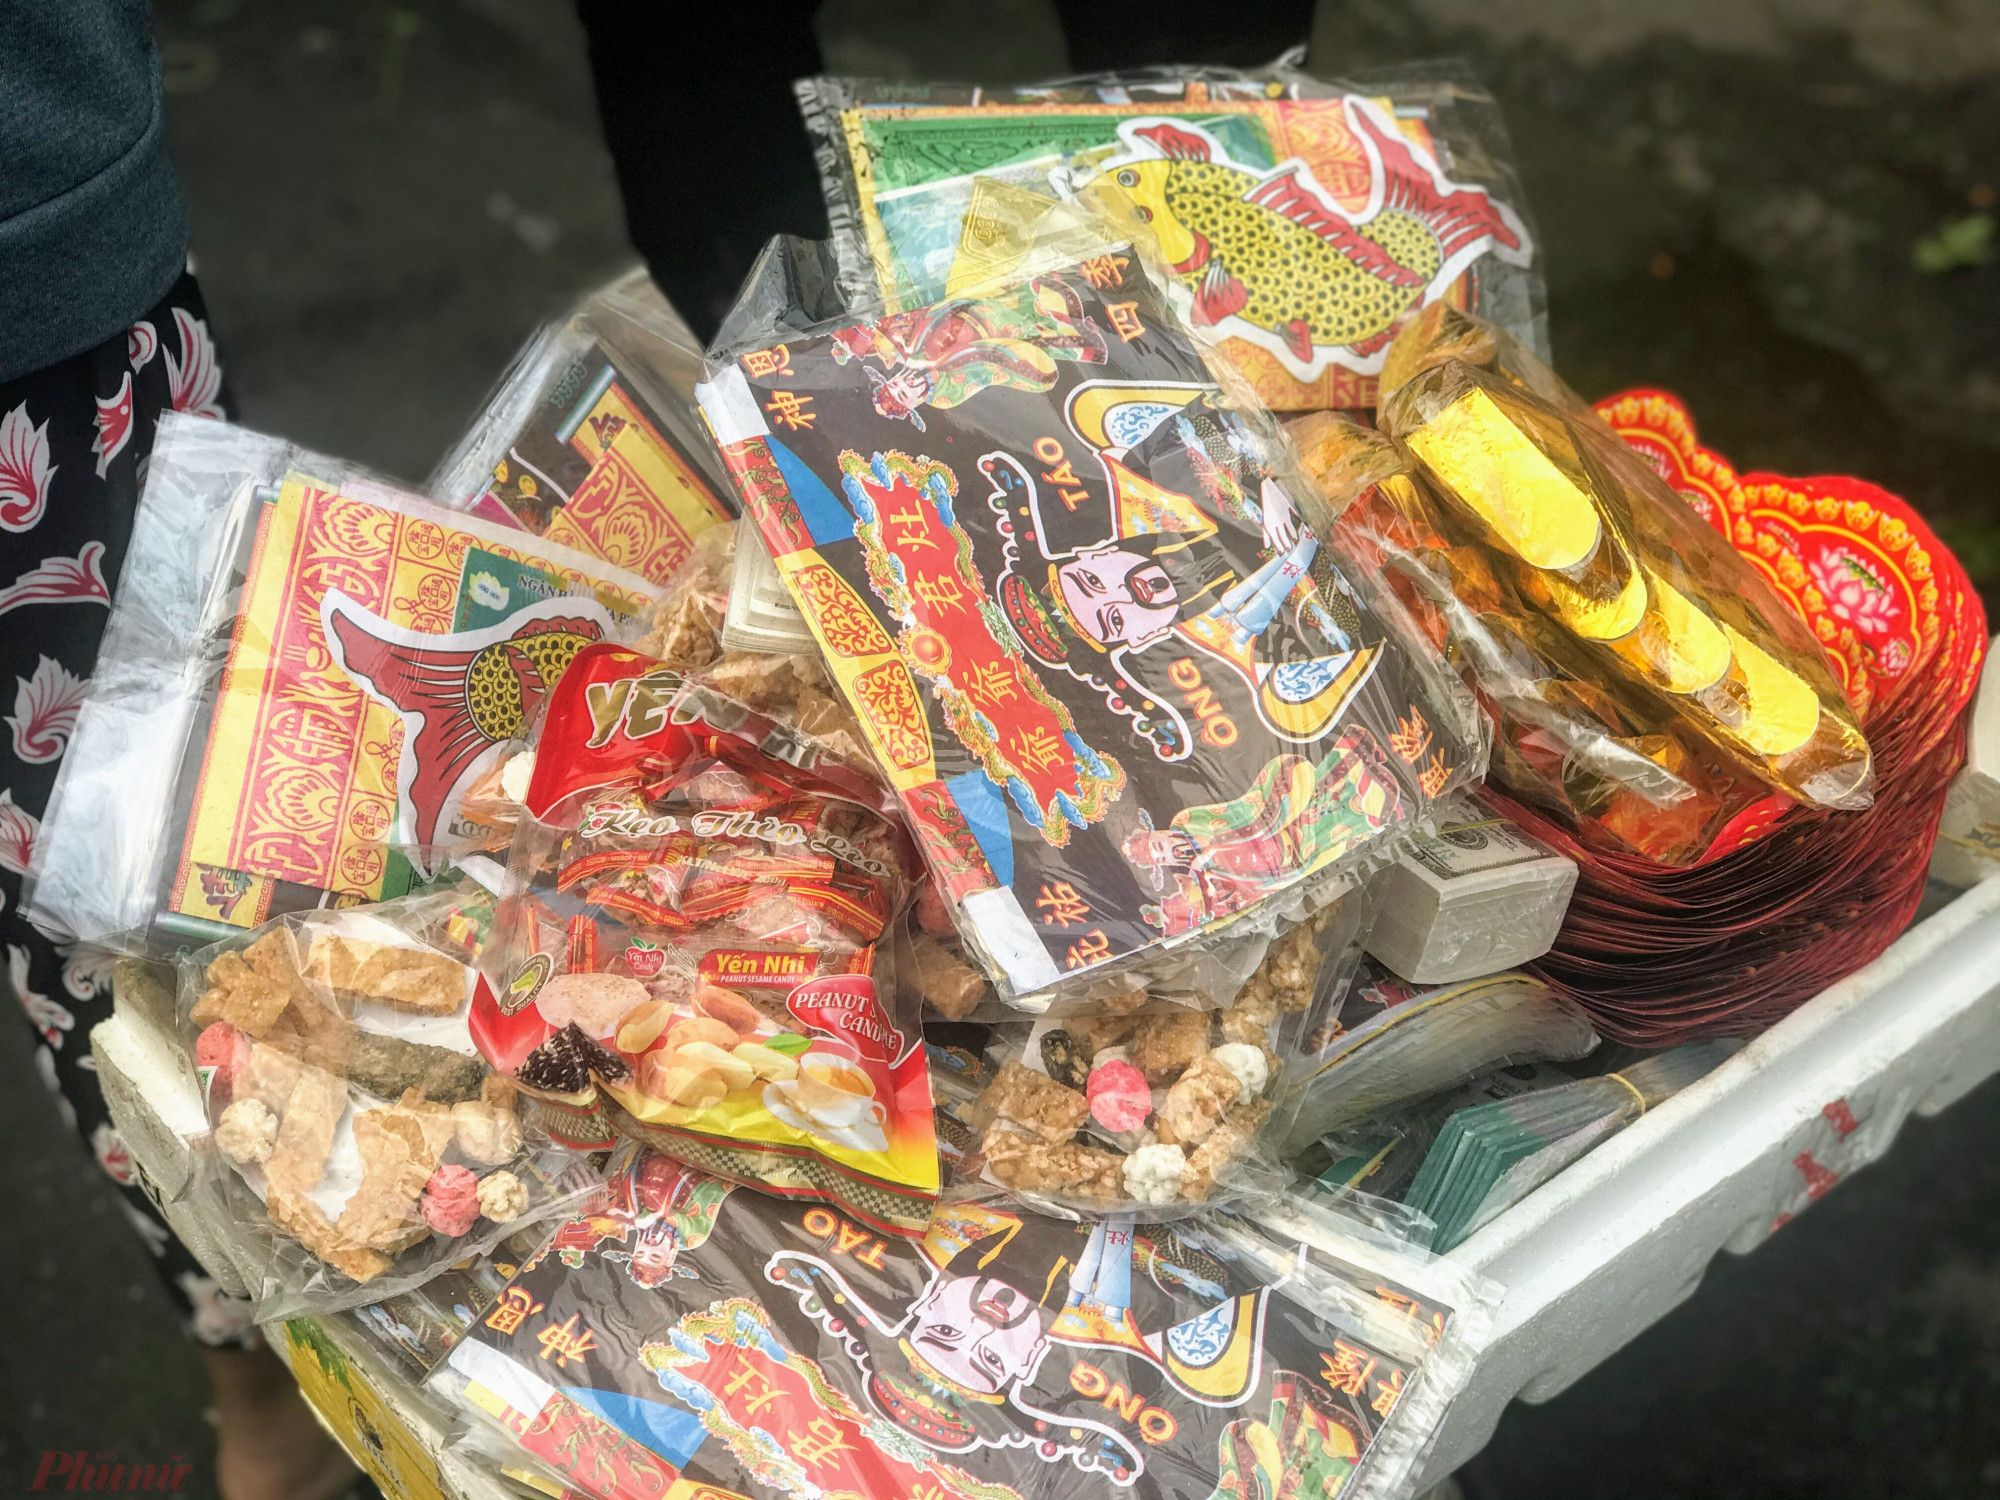 Bộ đồ lễ đốt sau khi cúng ông Táo có giá 10.000 đồng, thèo lèo, kẹo bánh vào túi nhỏ giá 5.000 đồng khá hút khách hàng.